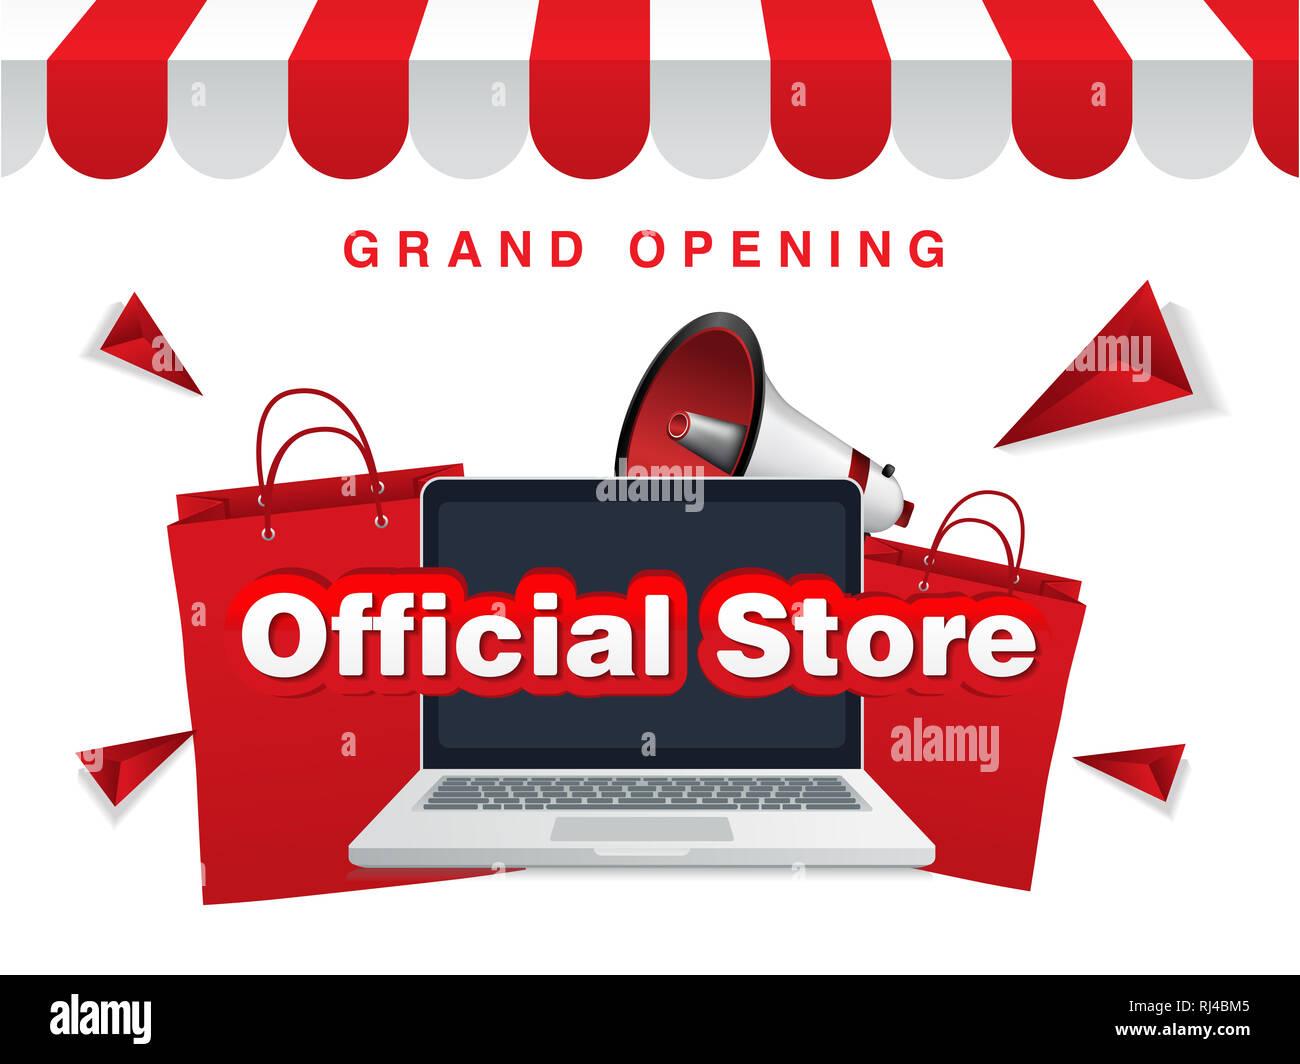 new arrival a4b7c 51301 Inaugurazione ufficiale del negozio vendita, borsa, online ...